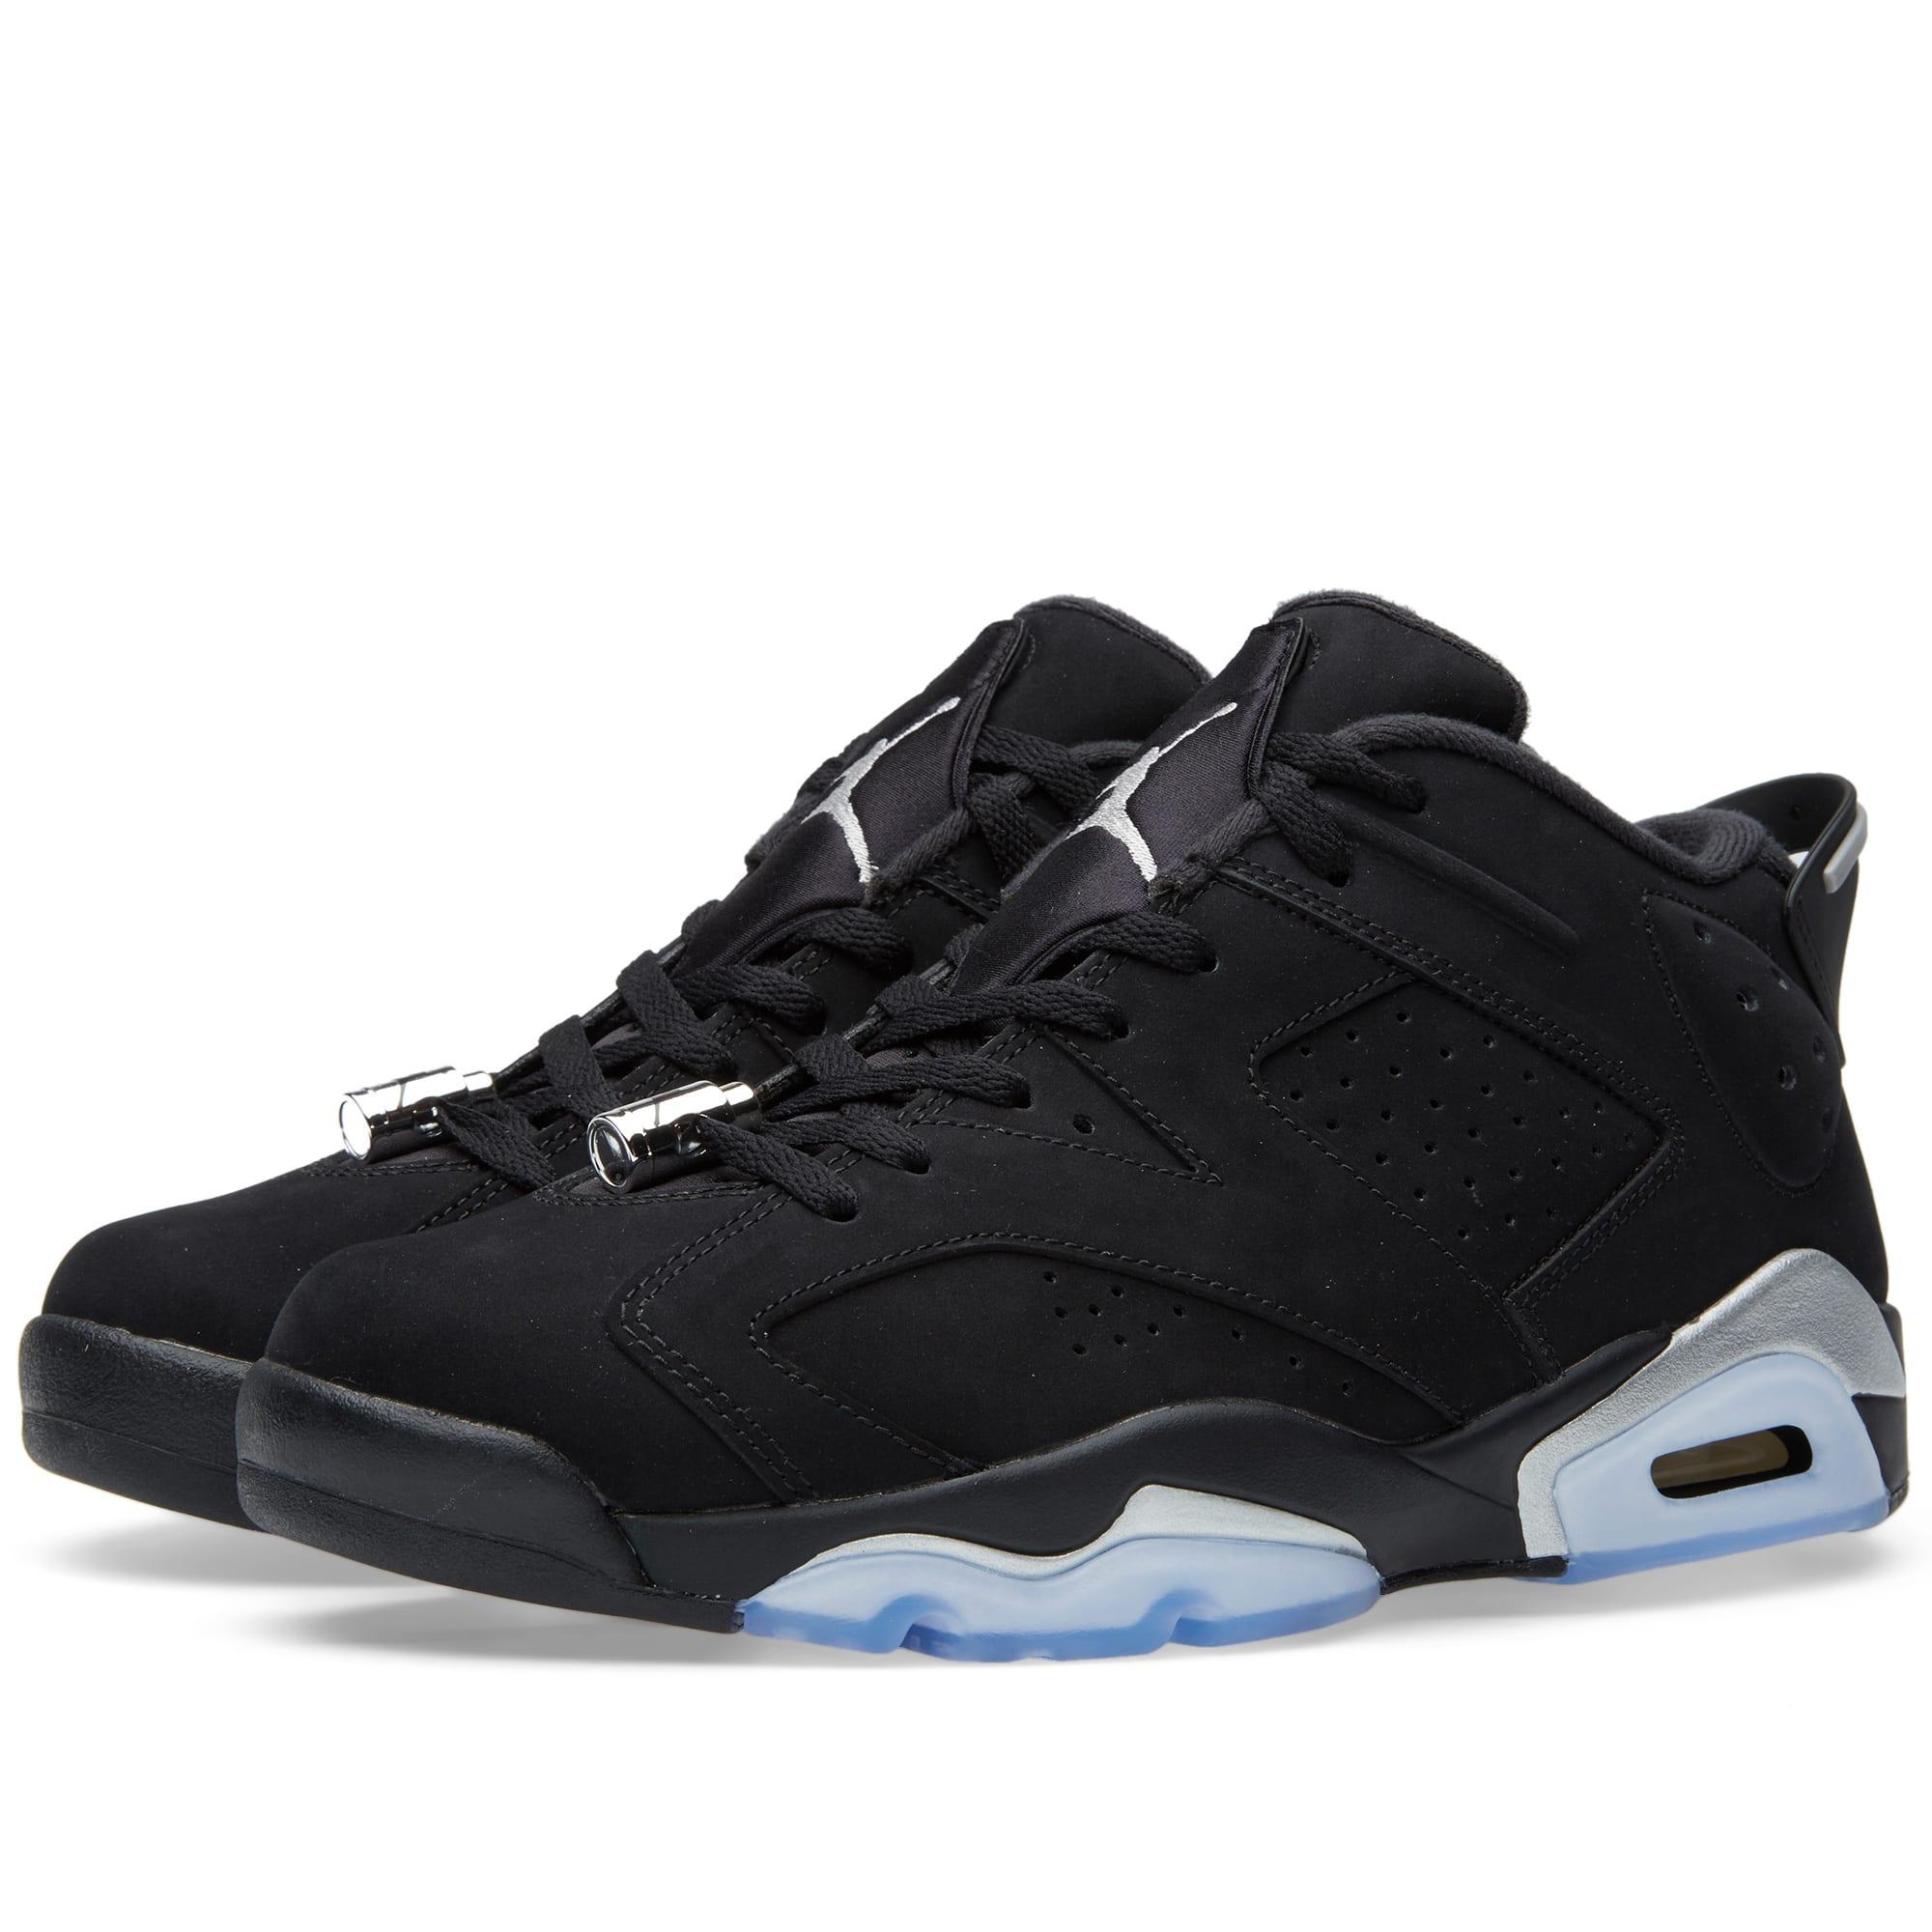 80184fa0265855 Nike Air Jordan 6 Retro Low Black